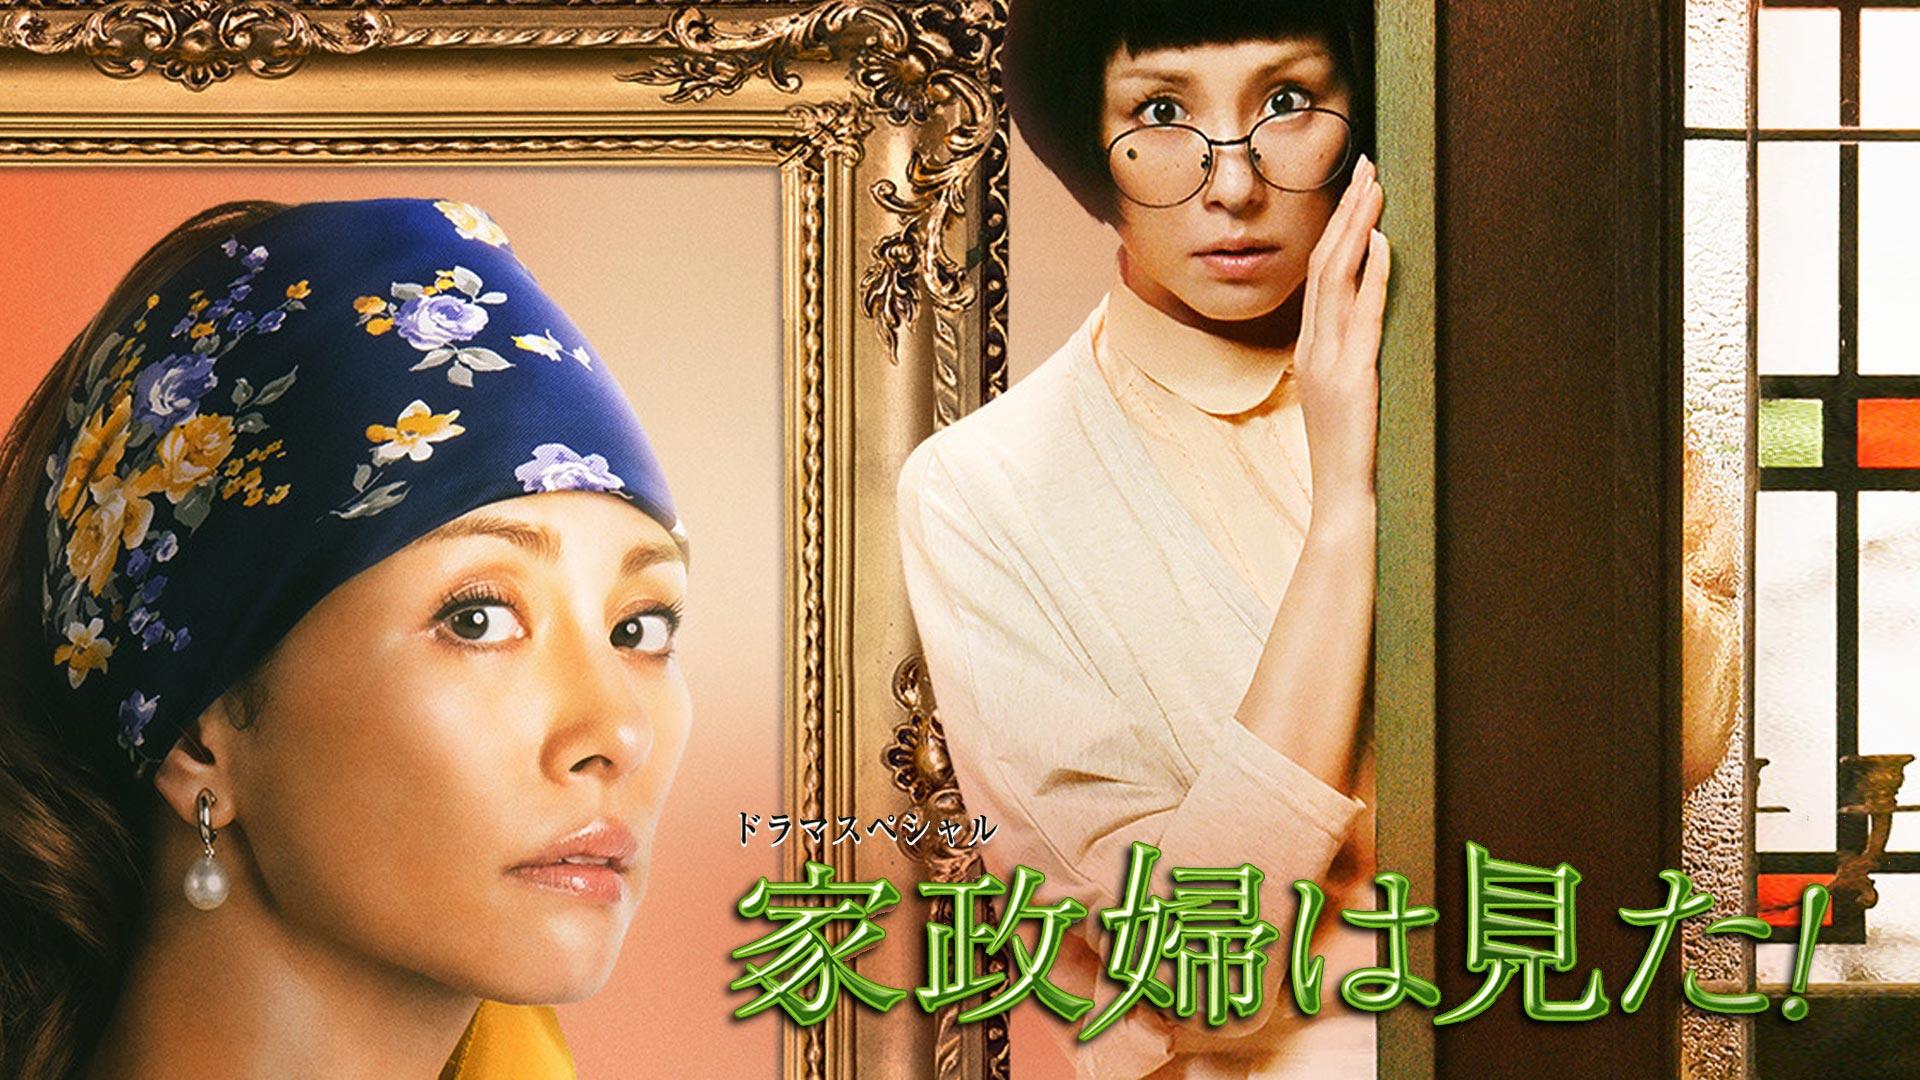 ドラマスペシャル 家政婦は見た! 2015年12月5日放送